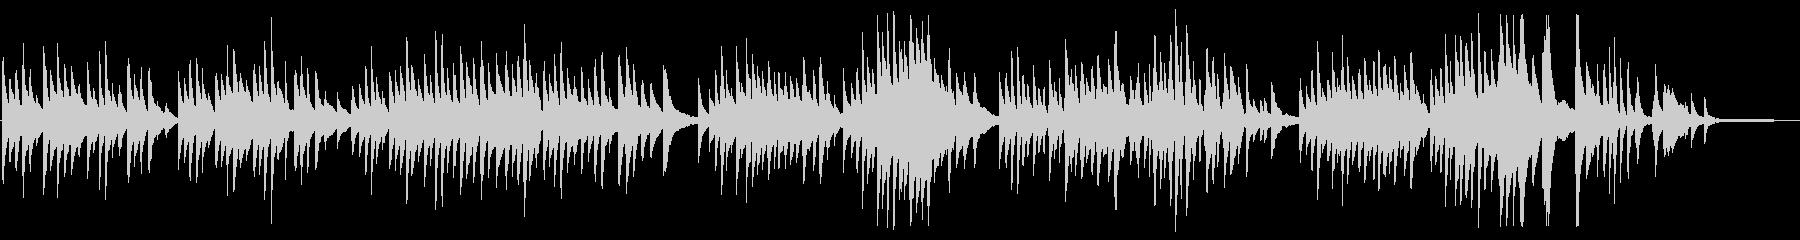 送辞に合うピアノが訴えかけるBGMの未再生の波形